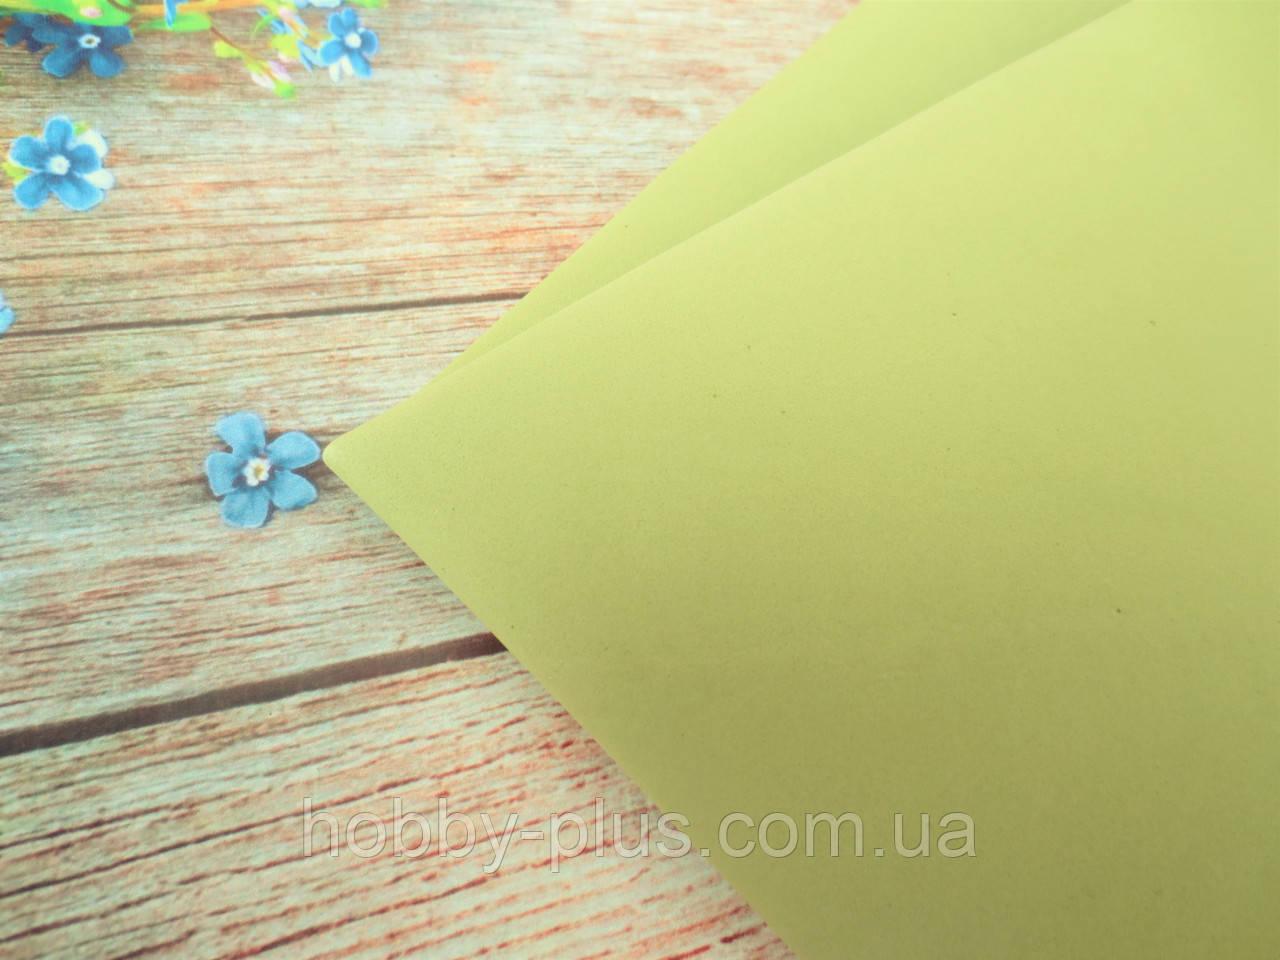 Фоамиран 1 мм, 50х50 см, цвет оливковый